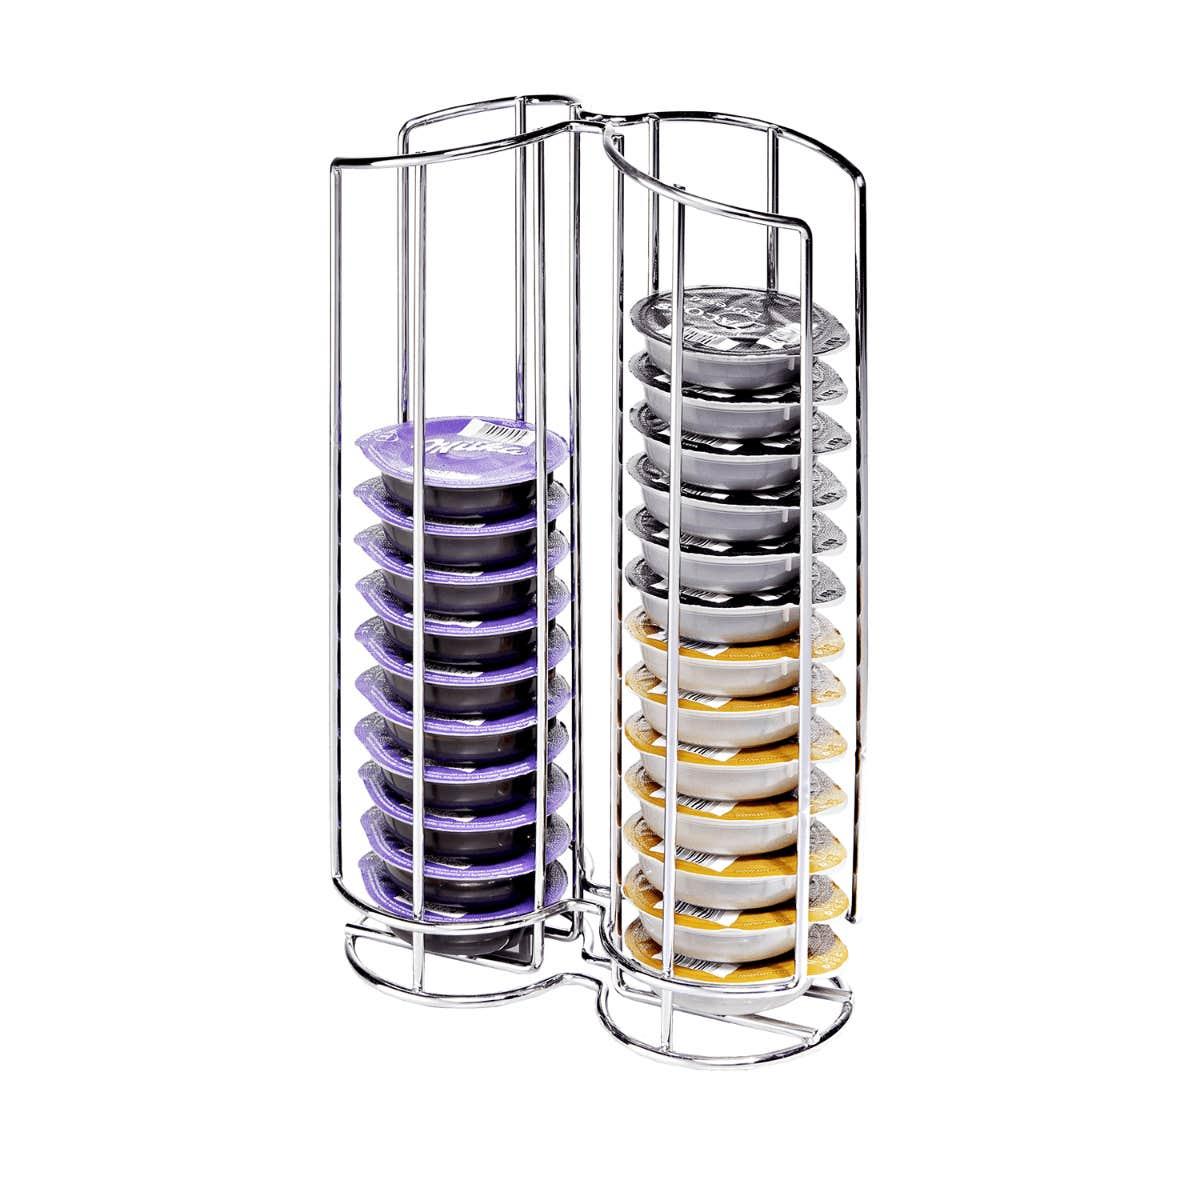 TASSIMO Stainless Steel TASSIMO Pod Holder for 32 T DISCs